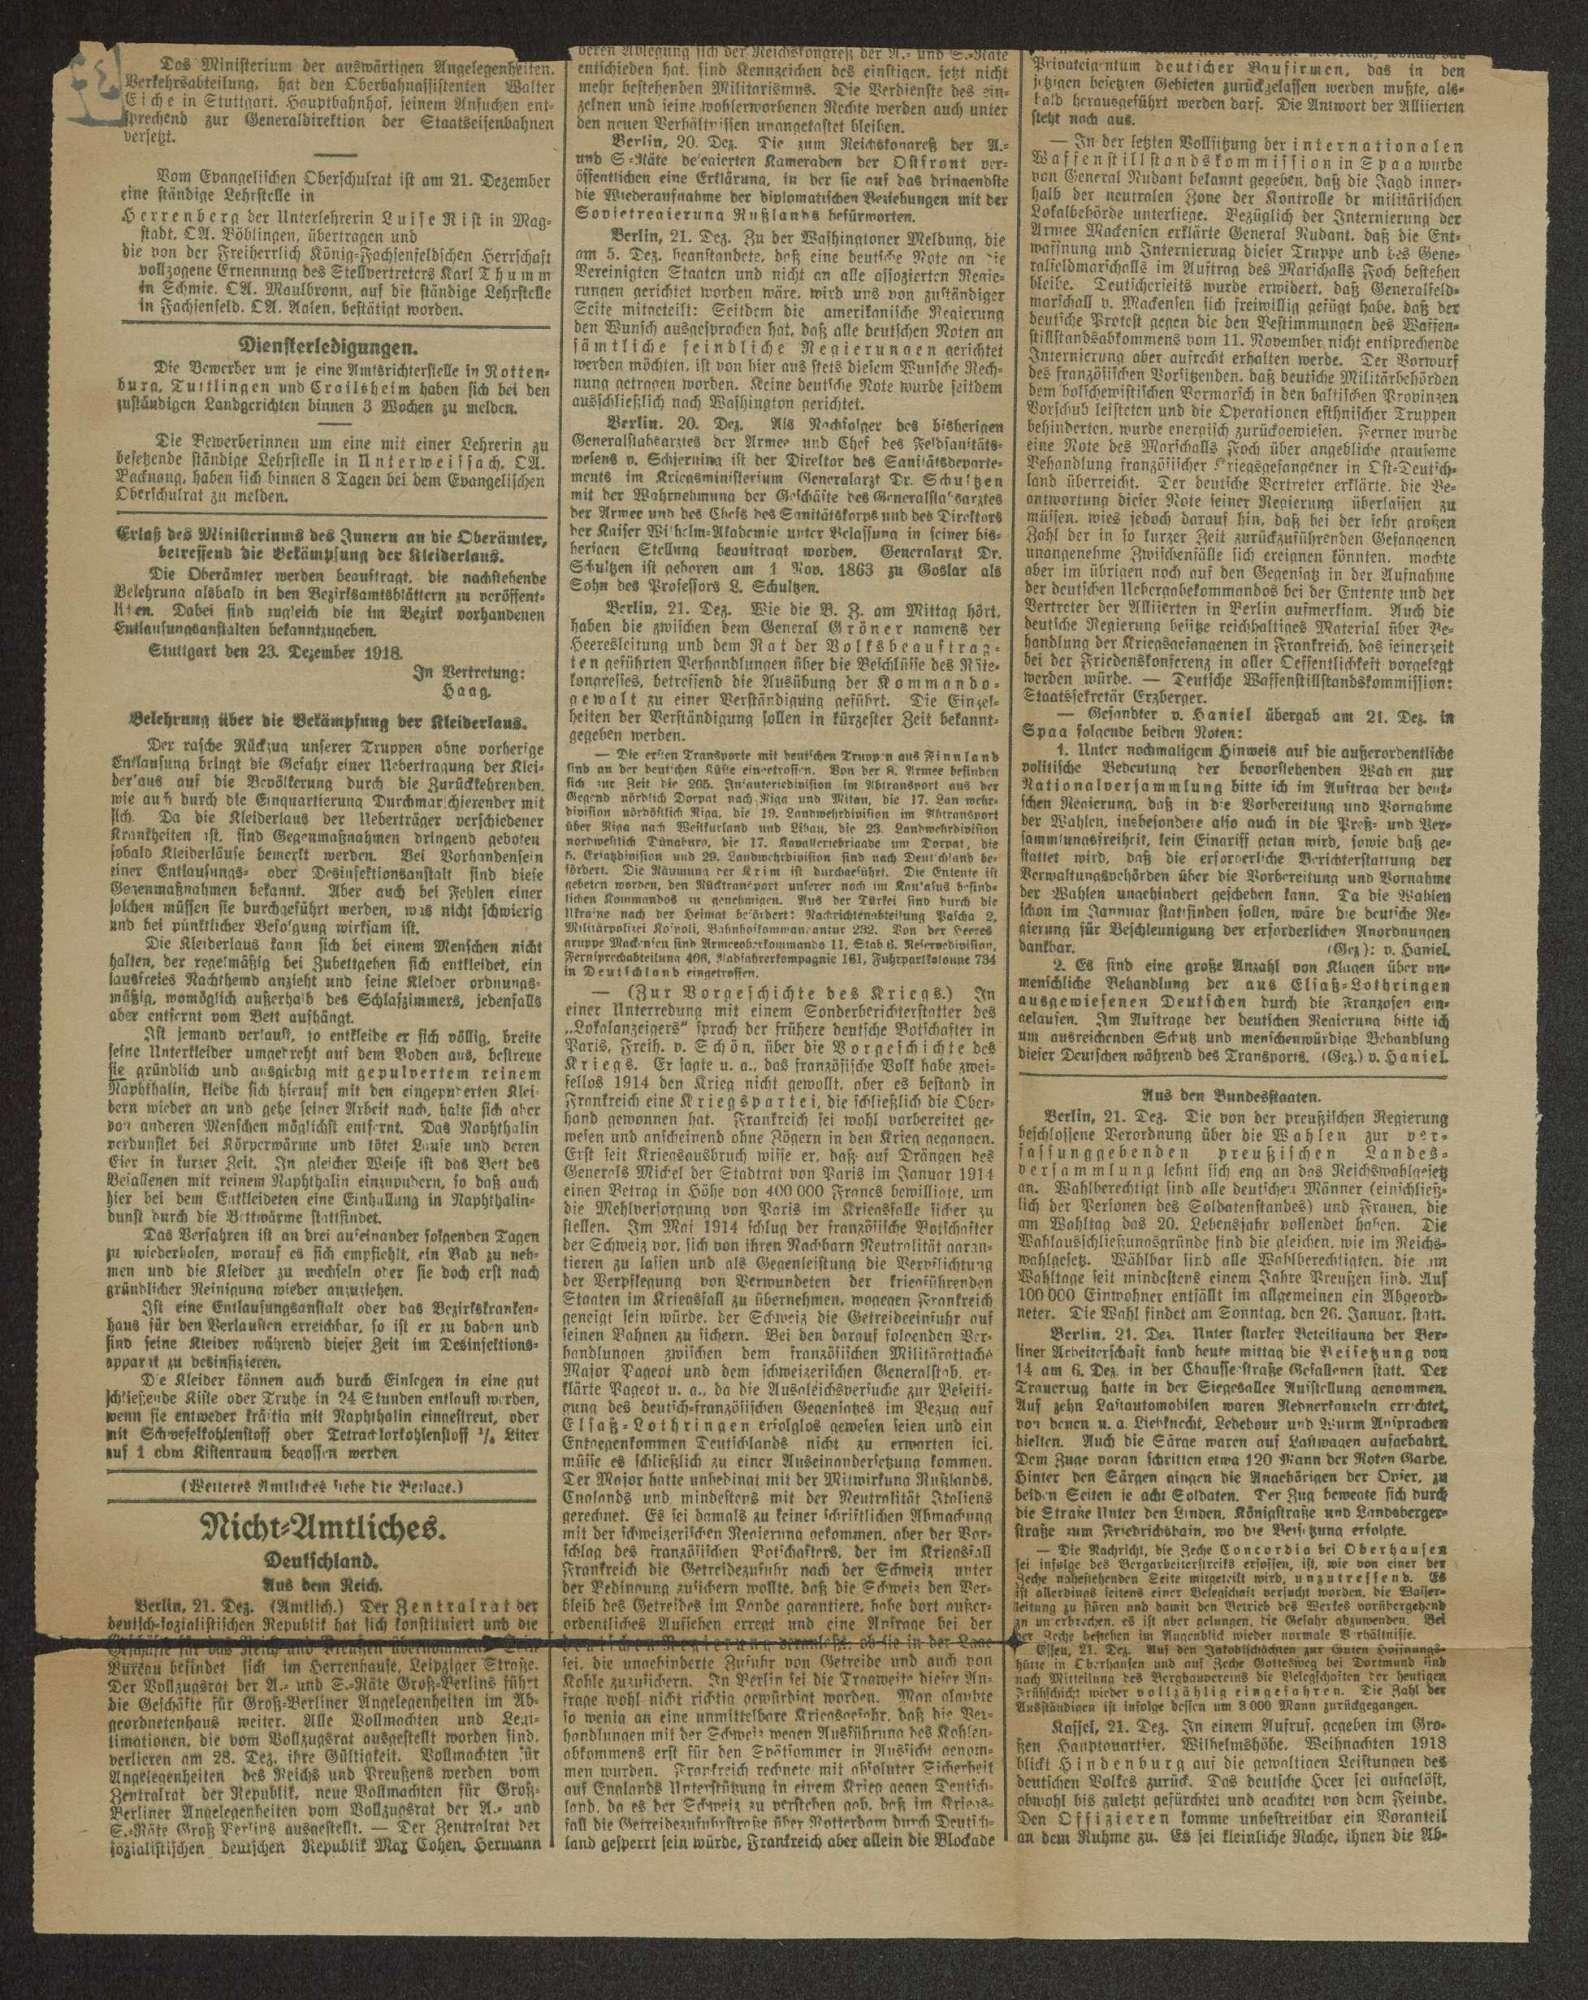 Verfassunggebende Landesversammlung, Bild 3